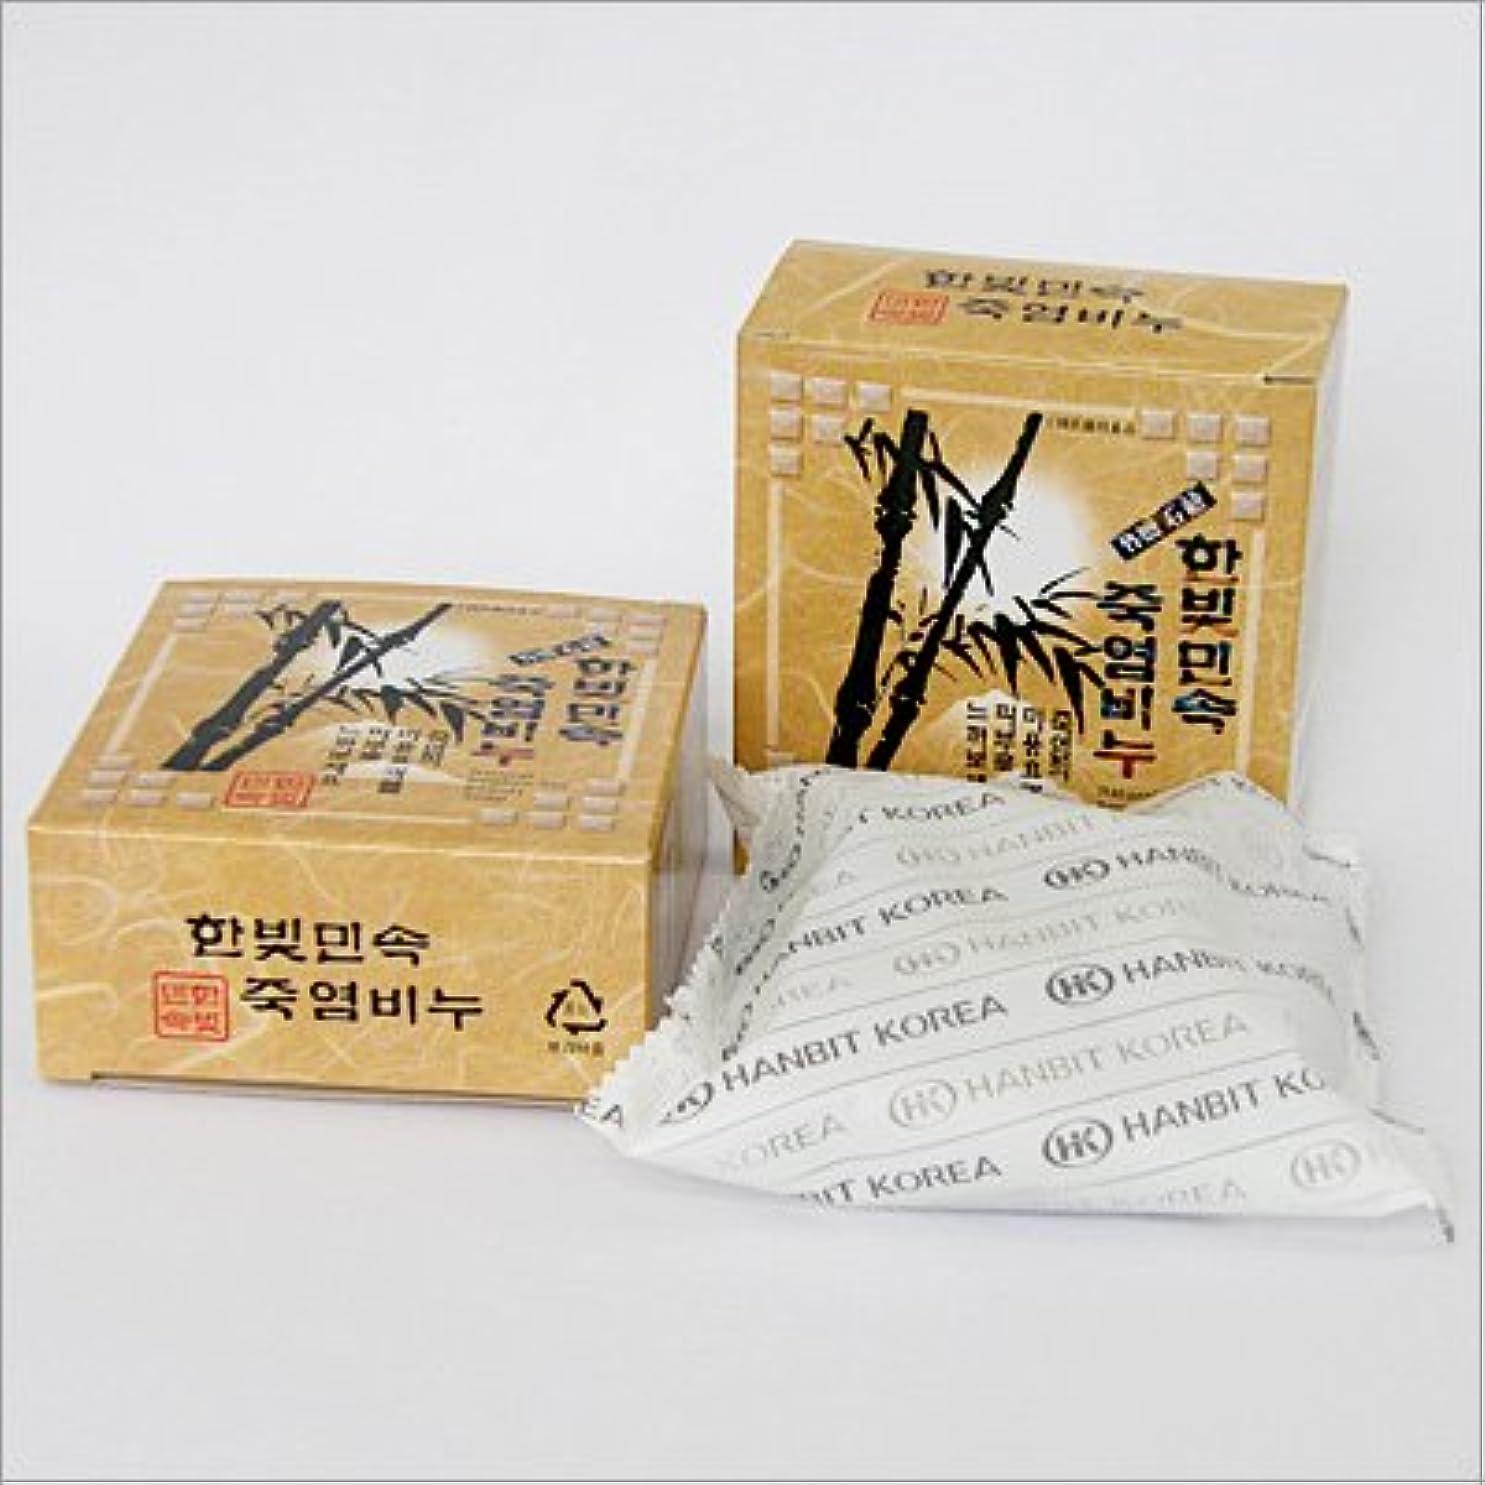 カニ適切な補充(韓国ブランド) 韓国直輸入』竹塩石鹸(3個×5セット)